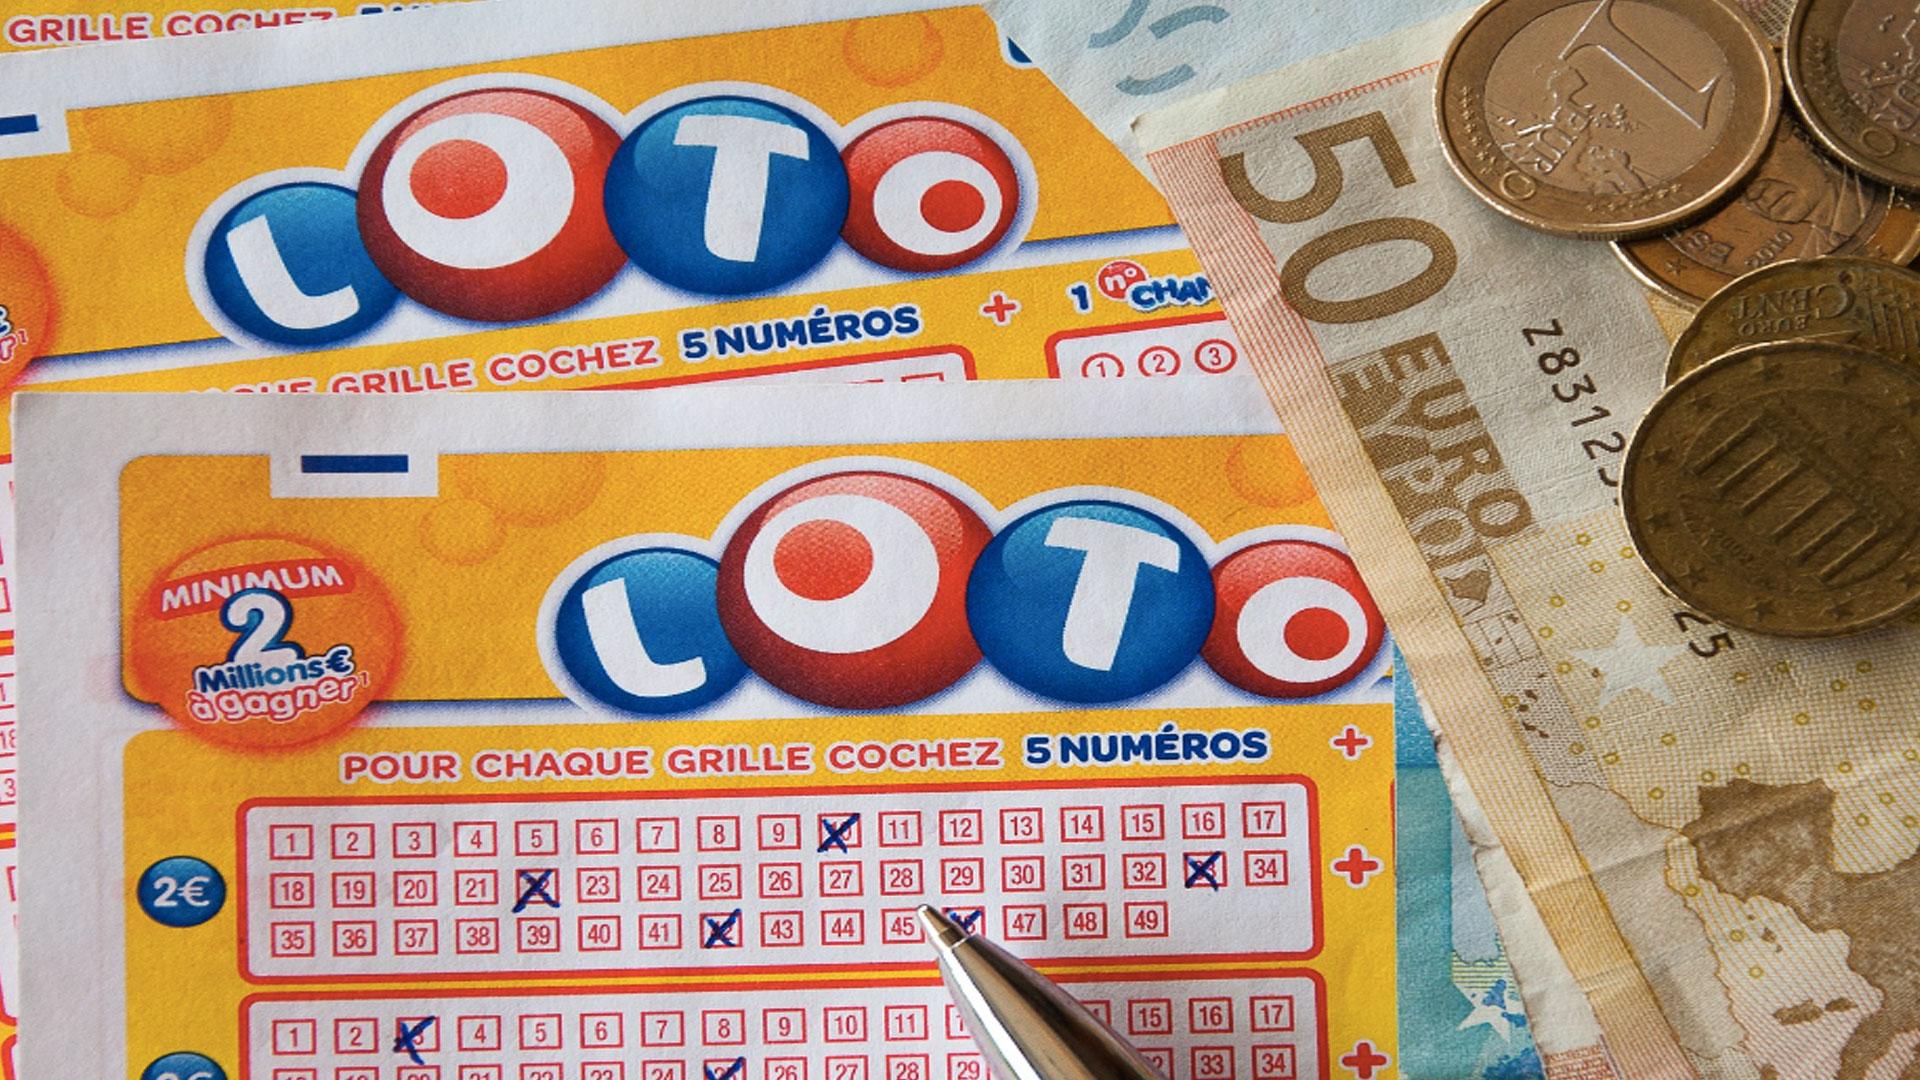 El sorteo de lotería de Navidad es el más famoso y popular del año en España y reparte USD 2.7 millones de dólares en premios (Foto: Pixabay)